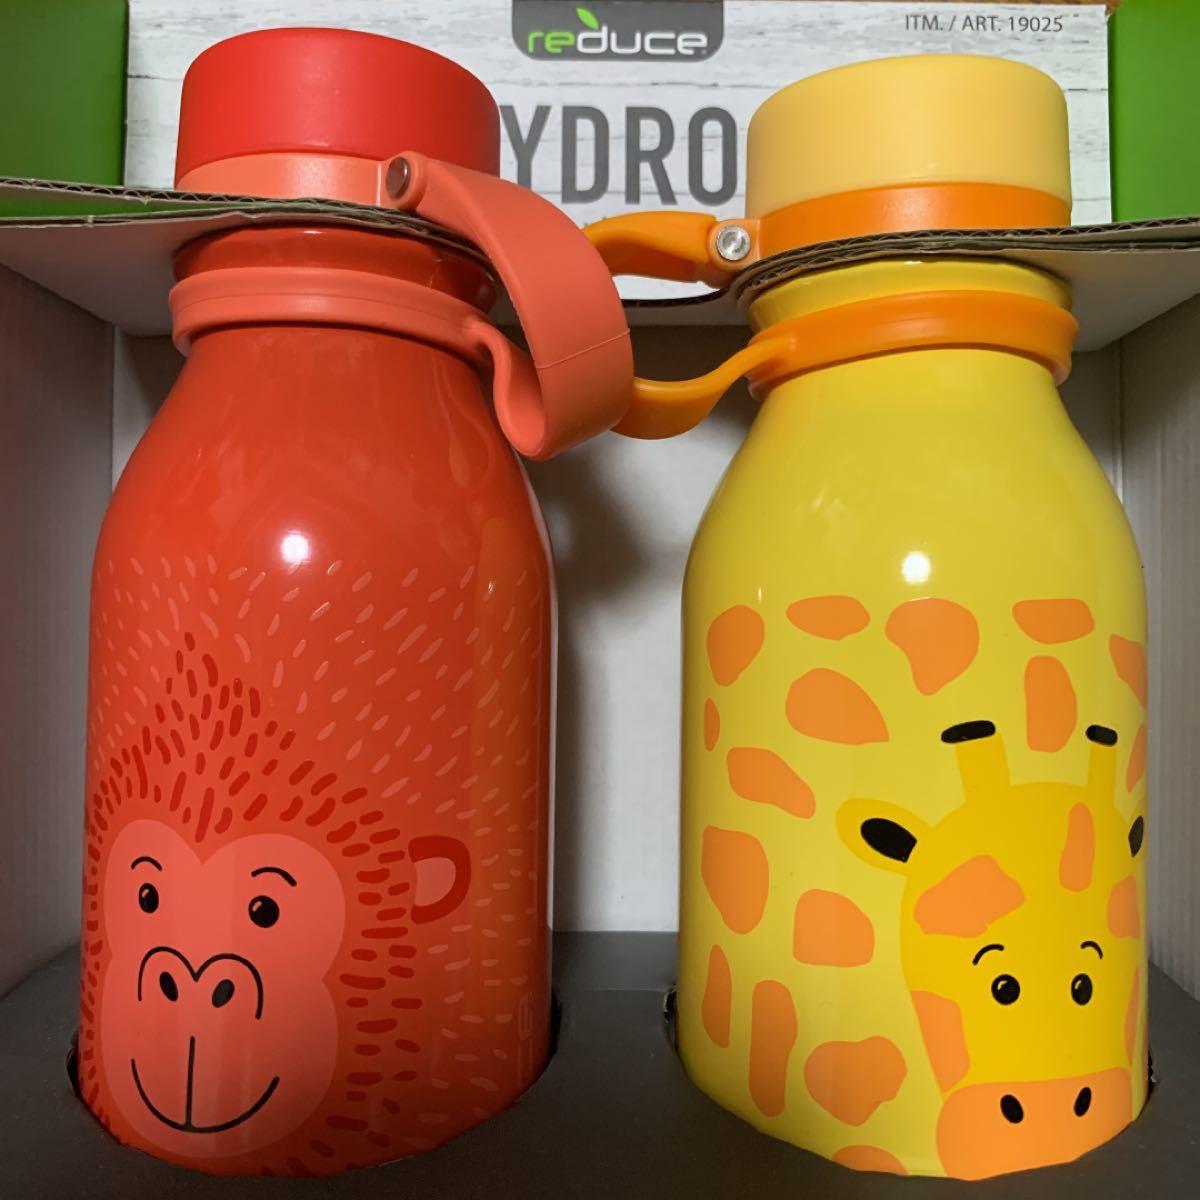 【ステンレスボトル】HYDRO PRO/保冷専用/ステンレス製携帯用魔法瓶【コストコ】